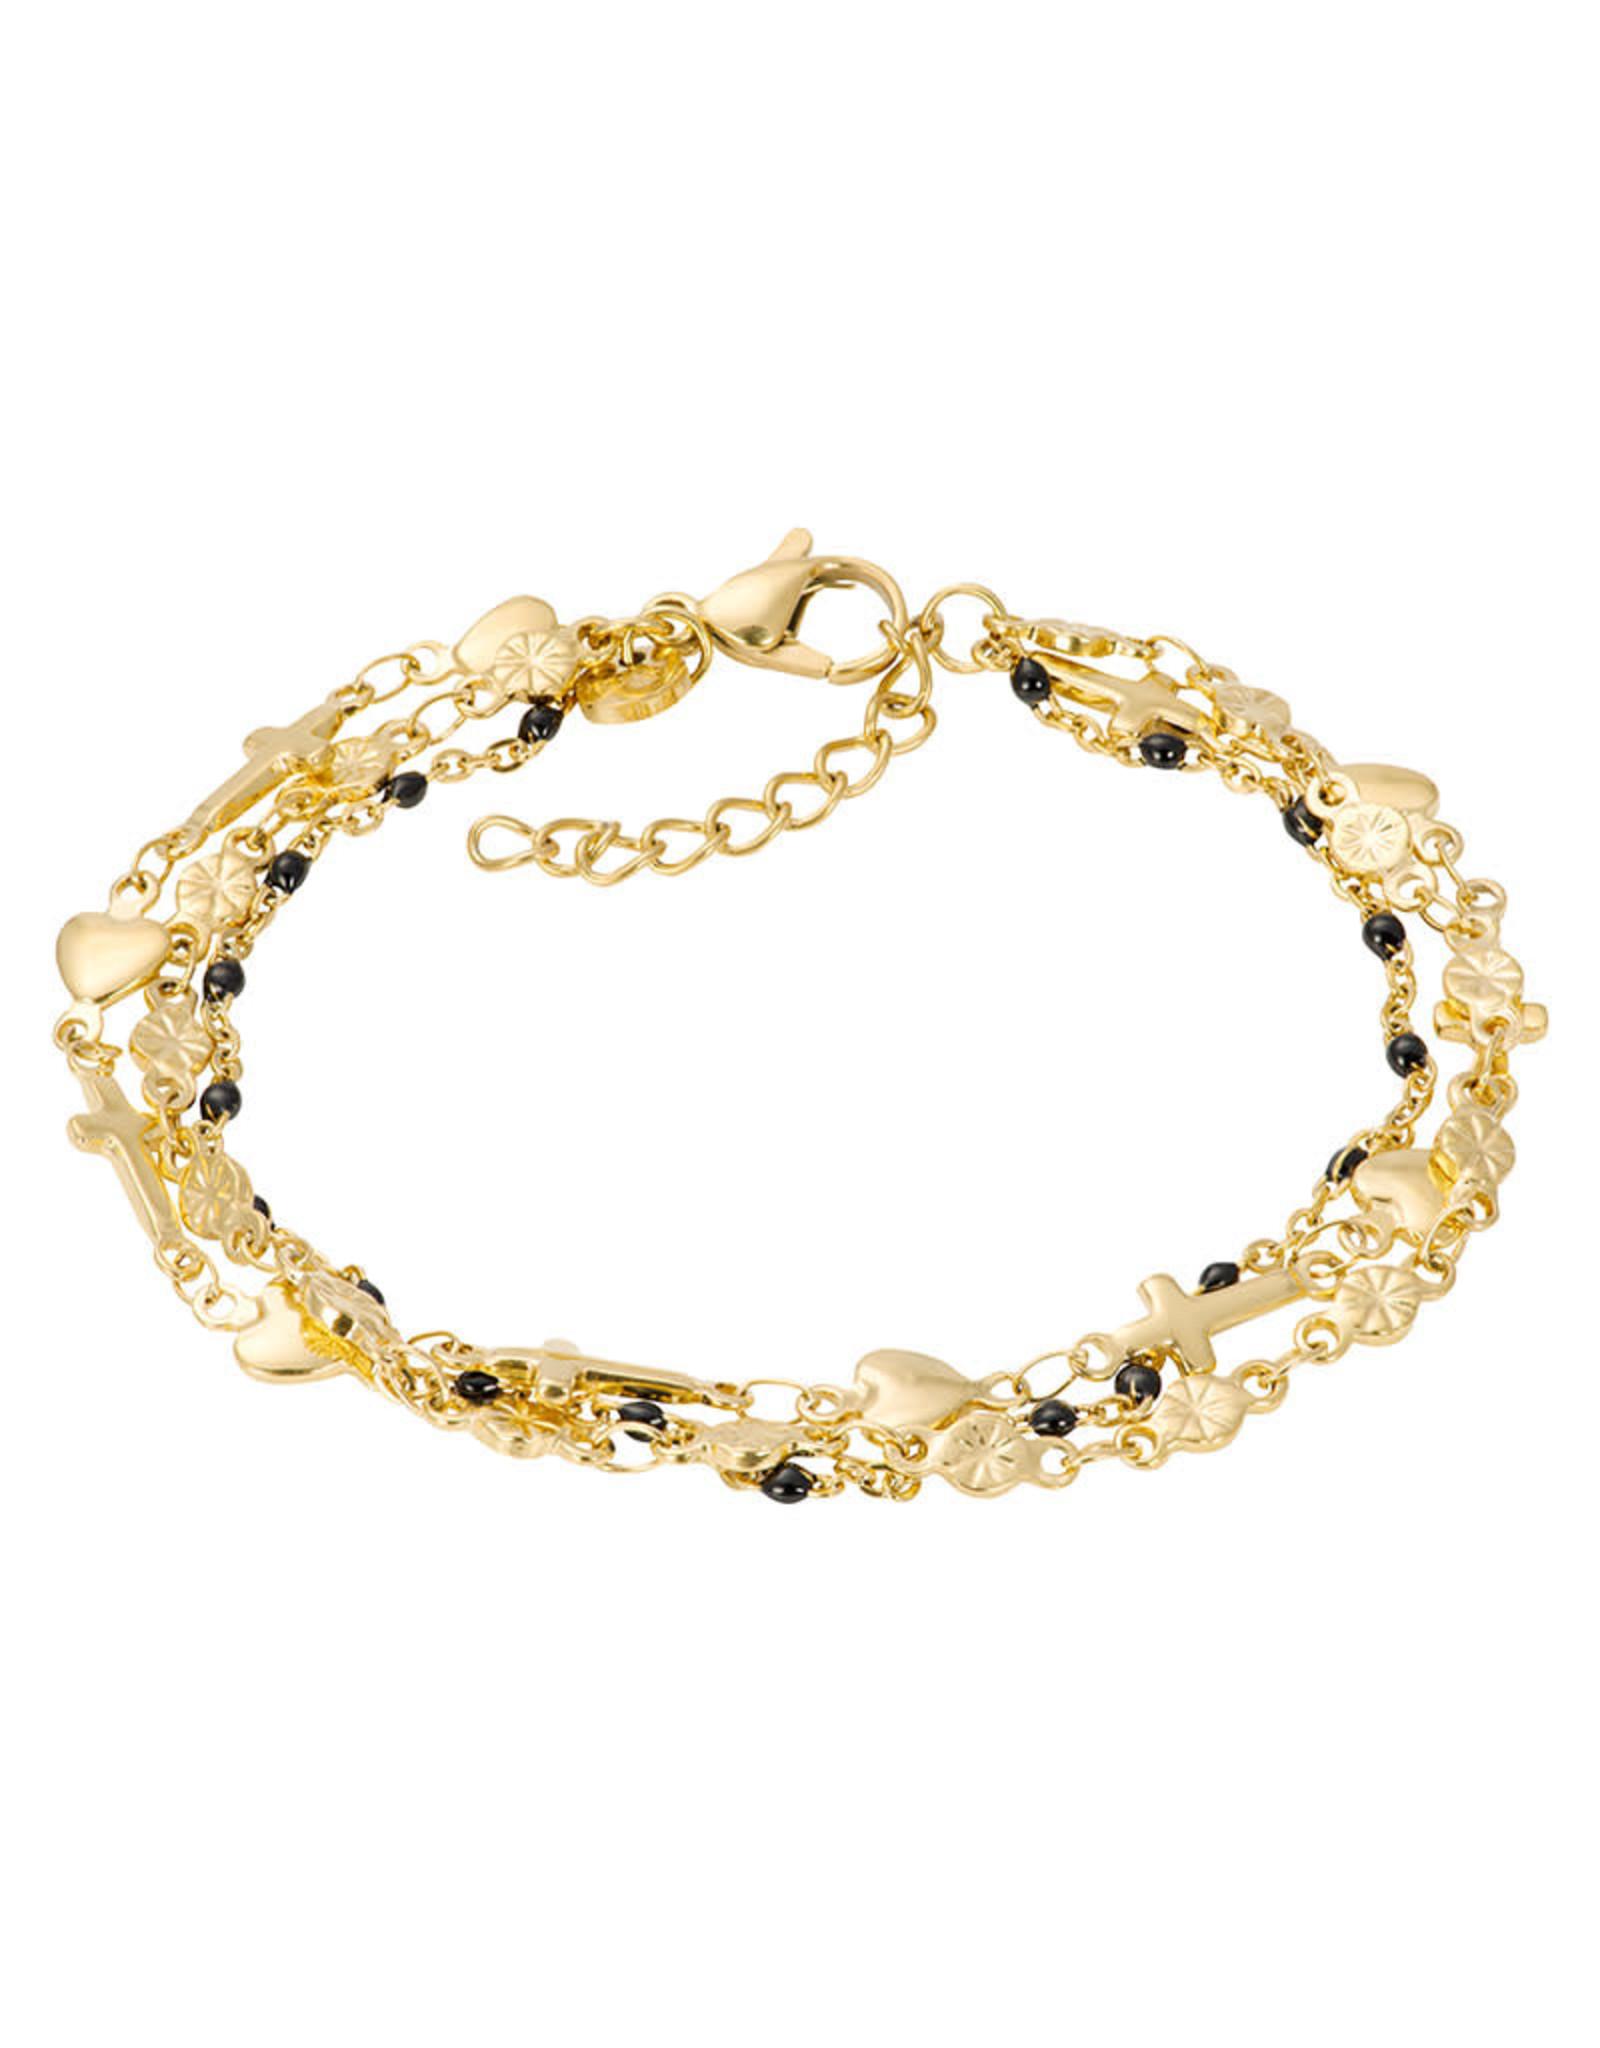 IXXXI IXXXI Bracelets Ghana (black beads) Gold